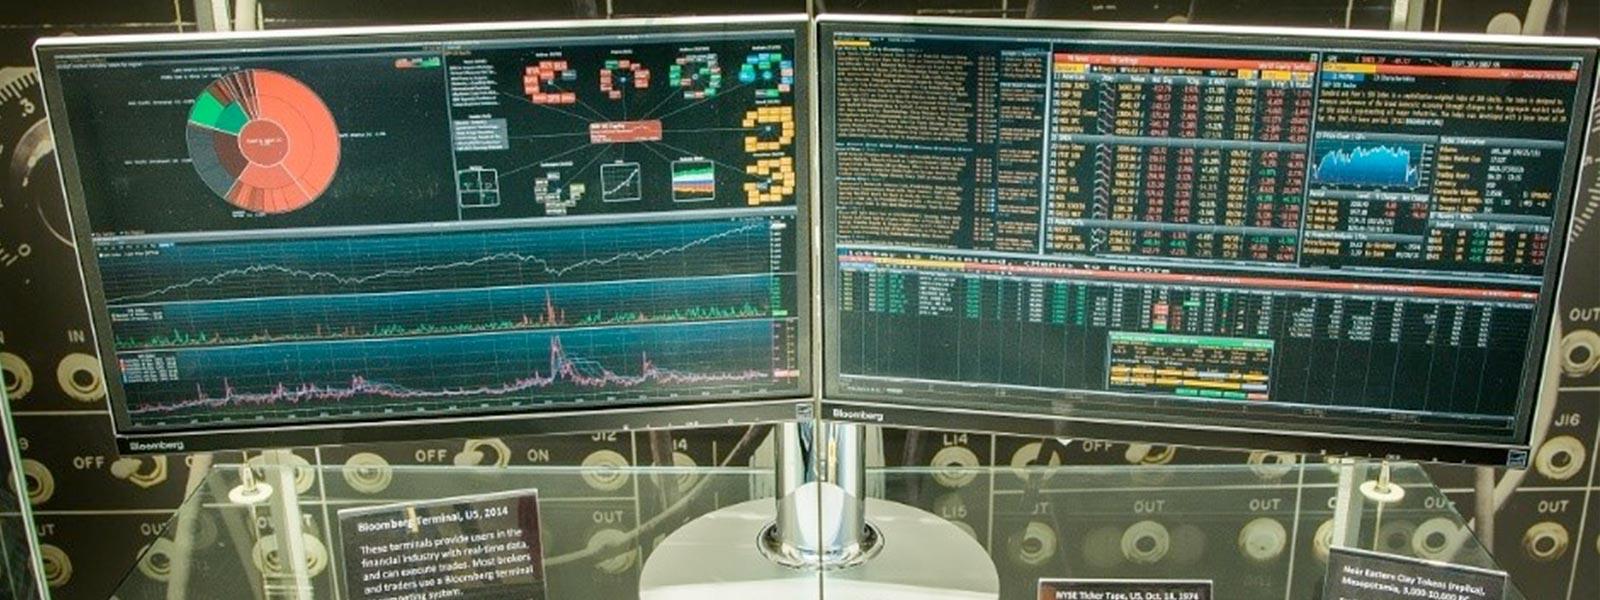 Twee monitoren met financiële grafieken